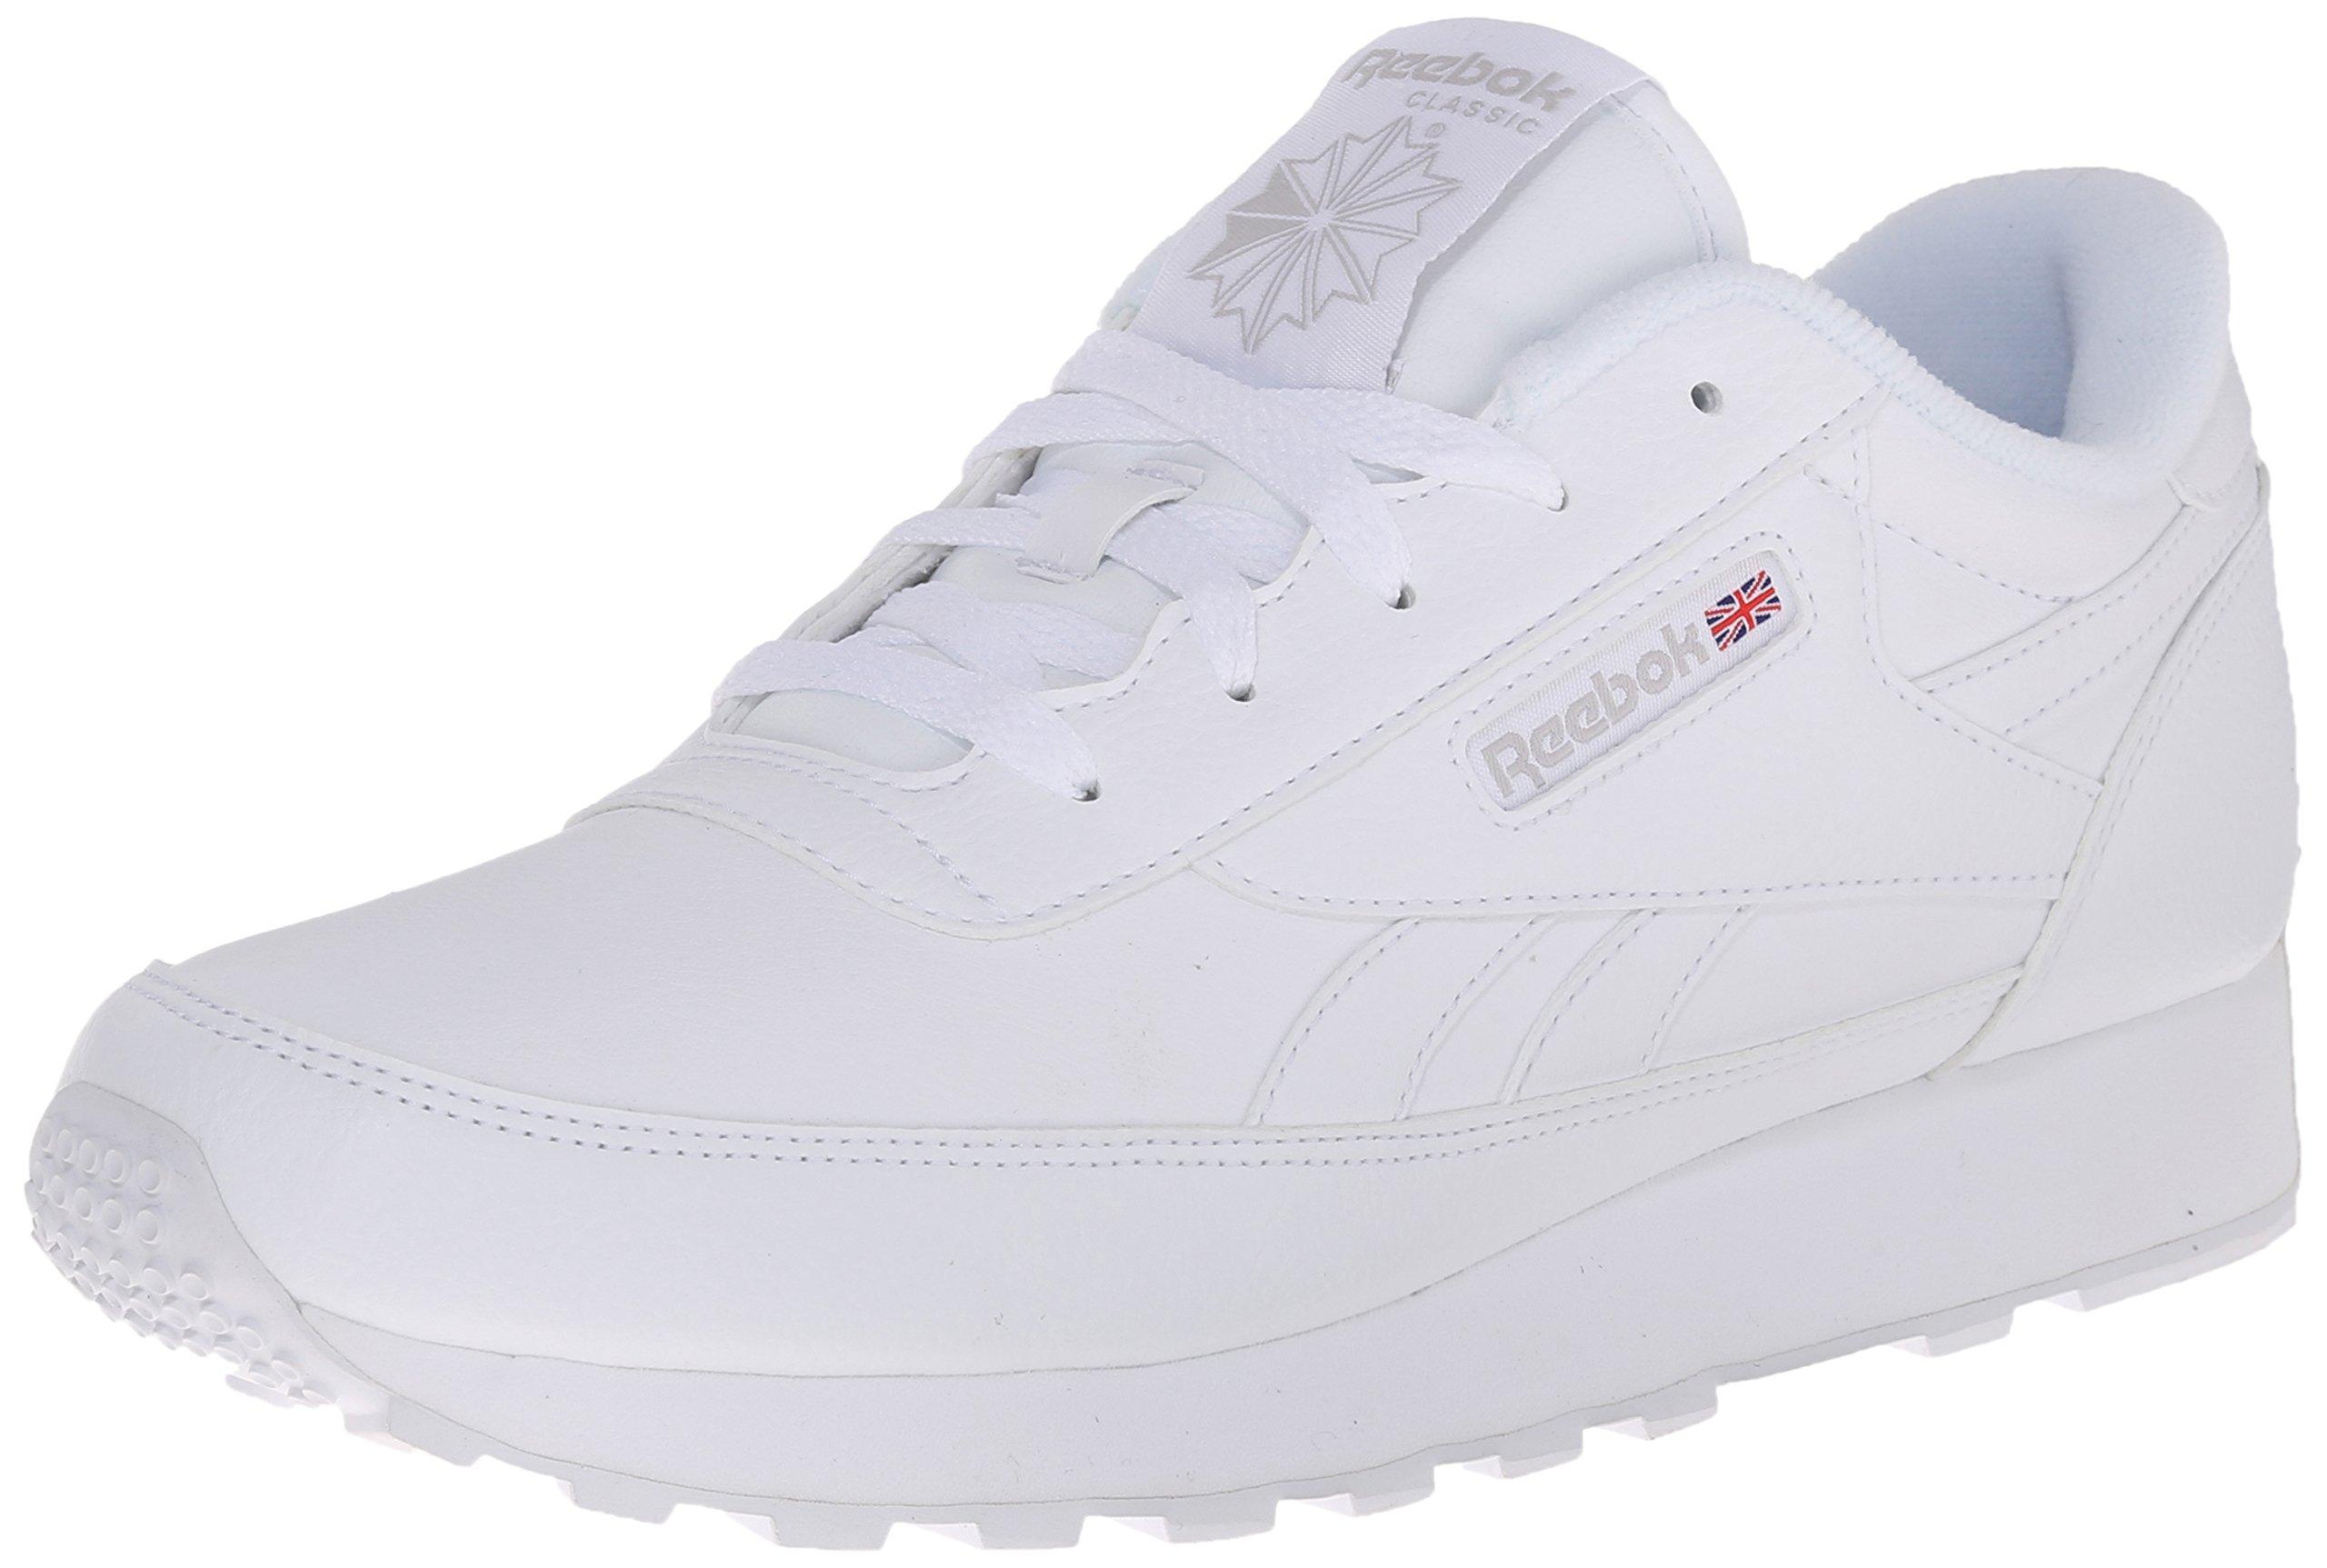 Reebok Women's Classic Renaissance Sneaker, White/Steel, 8 M US by Reebok